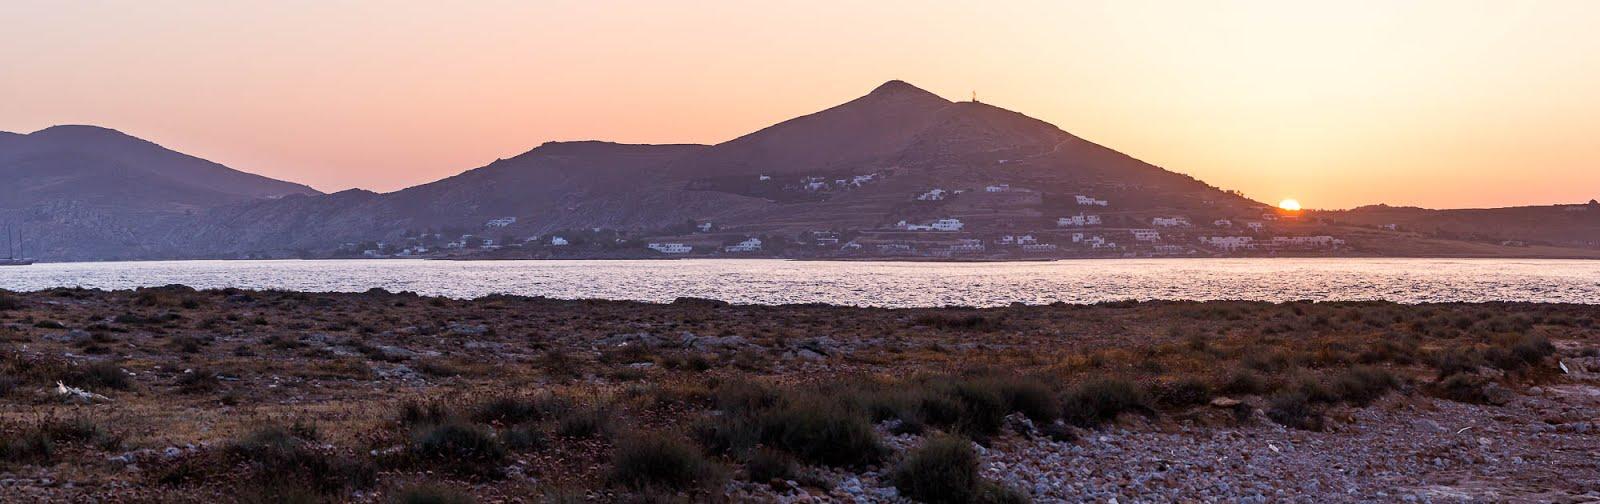 coucher de soleil Paros